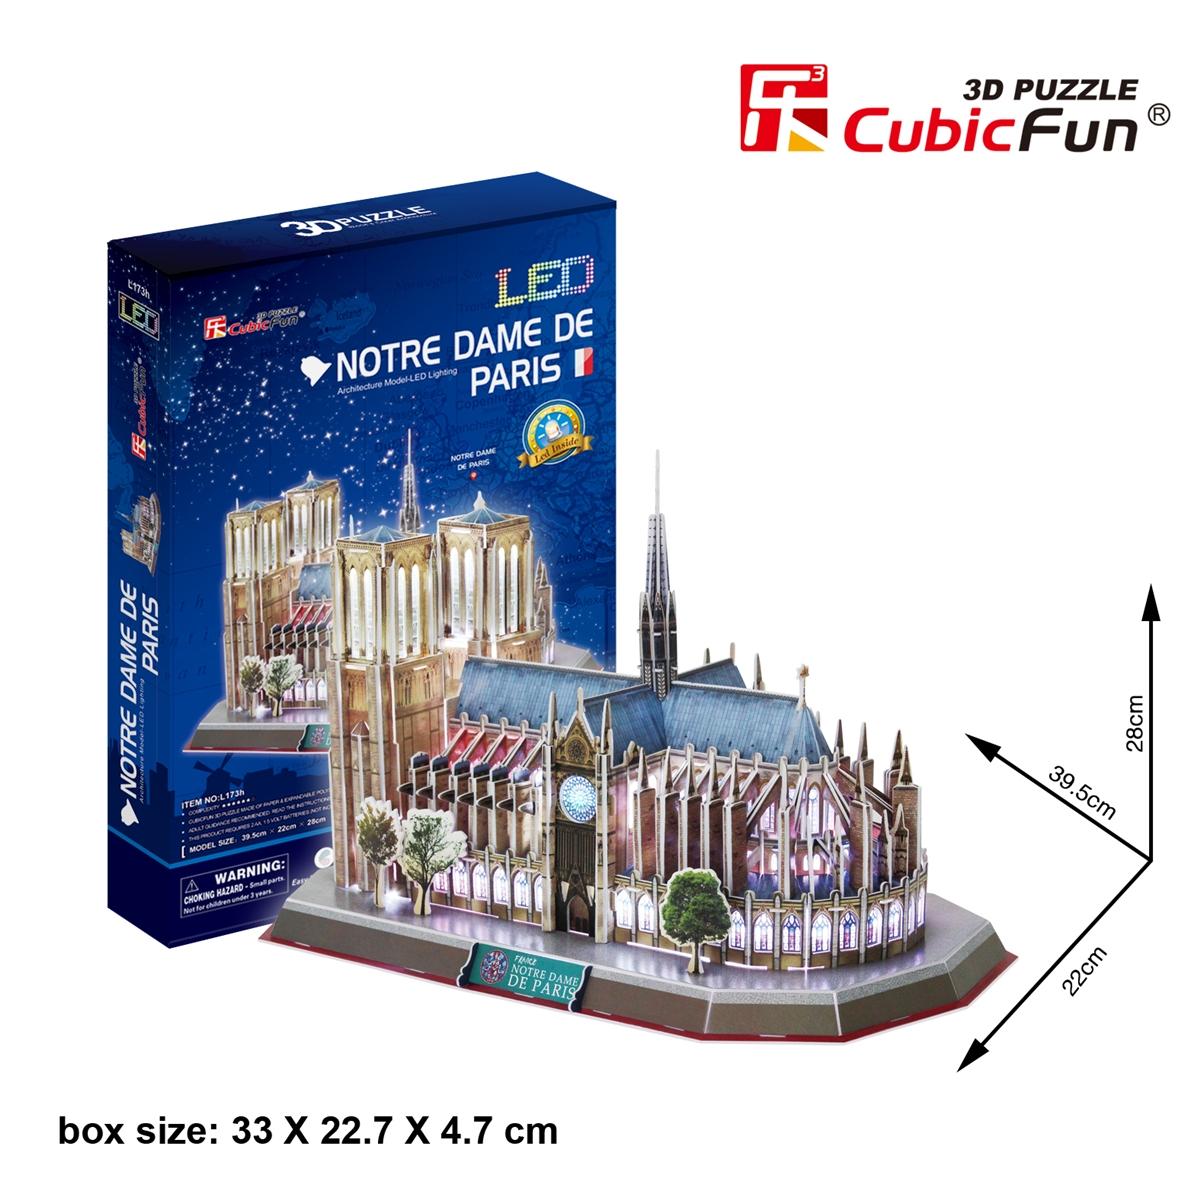 Notre Dame De Paris CubicFun L173h 3D Puzzle 149 Pieces